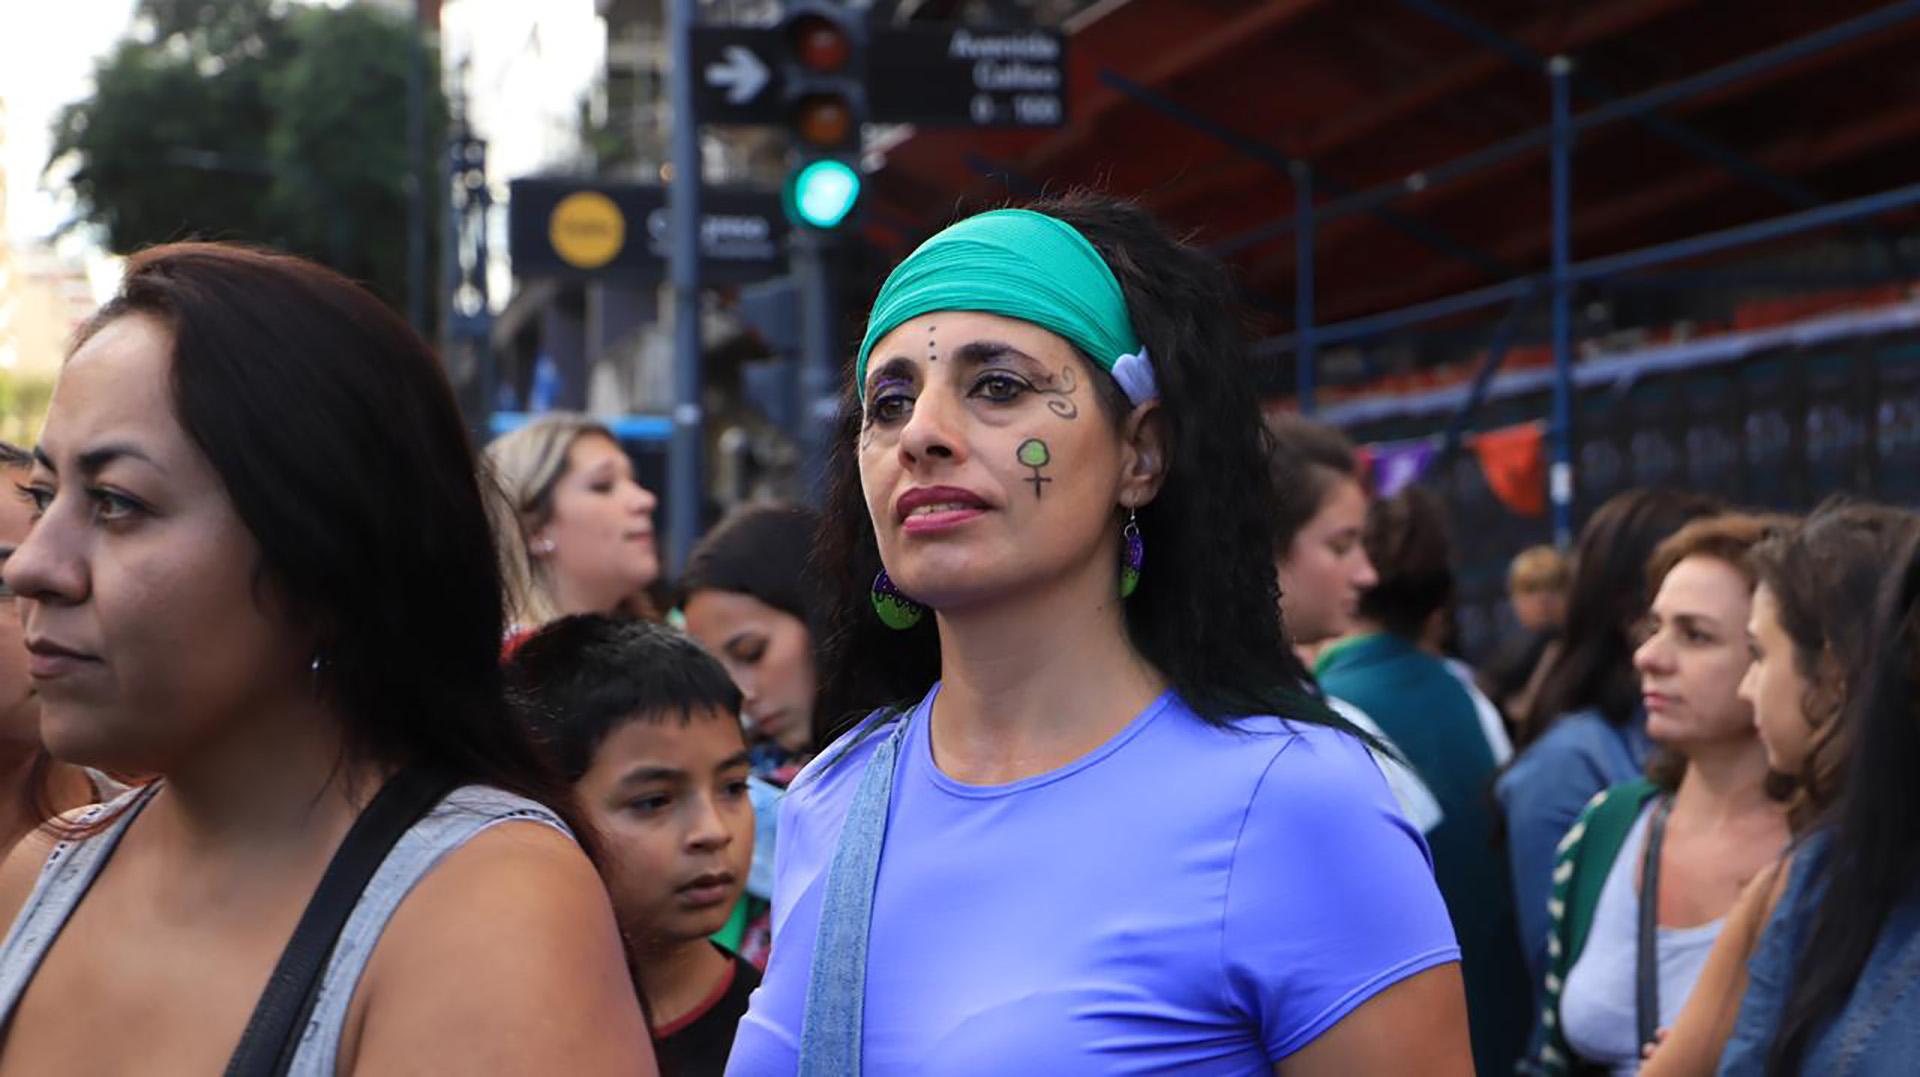 Algunas mujeres asistieron con sus hijos a la manifestación (Lihueel Althabe)